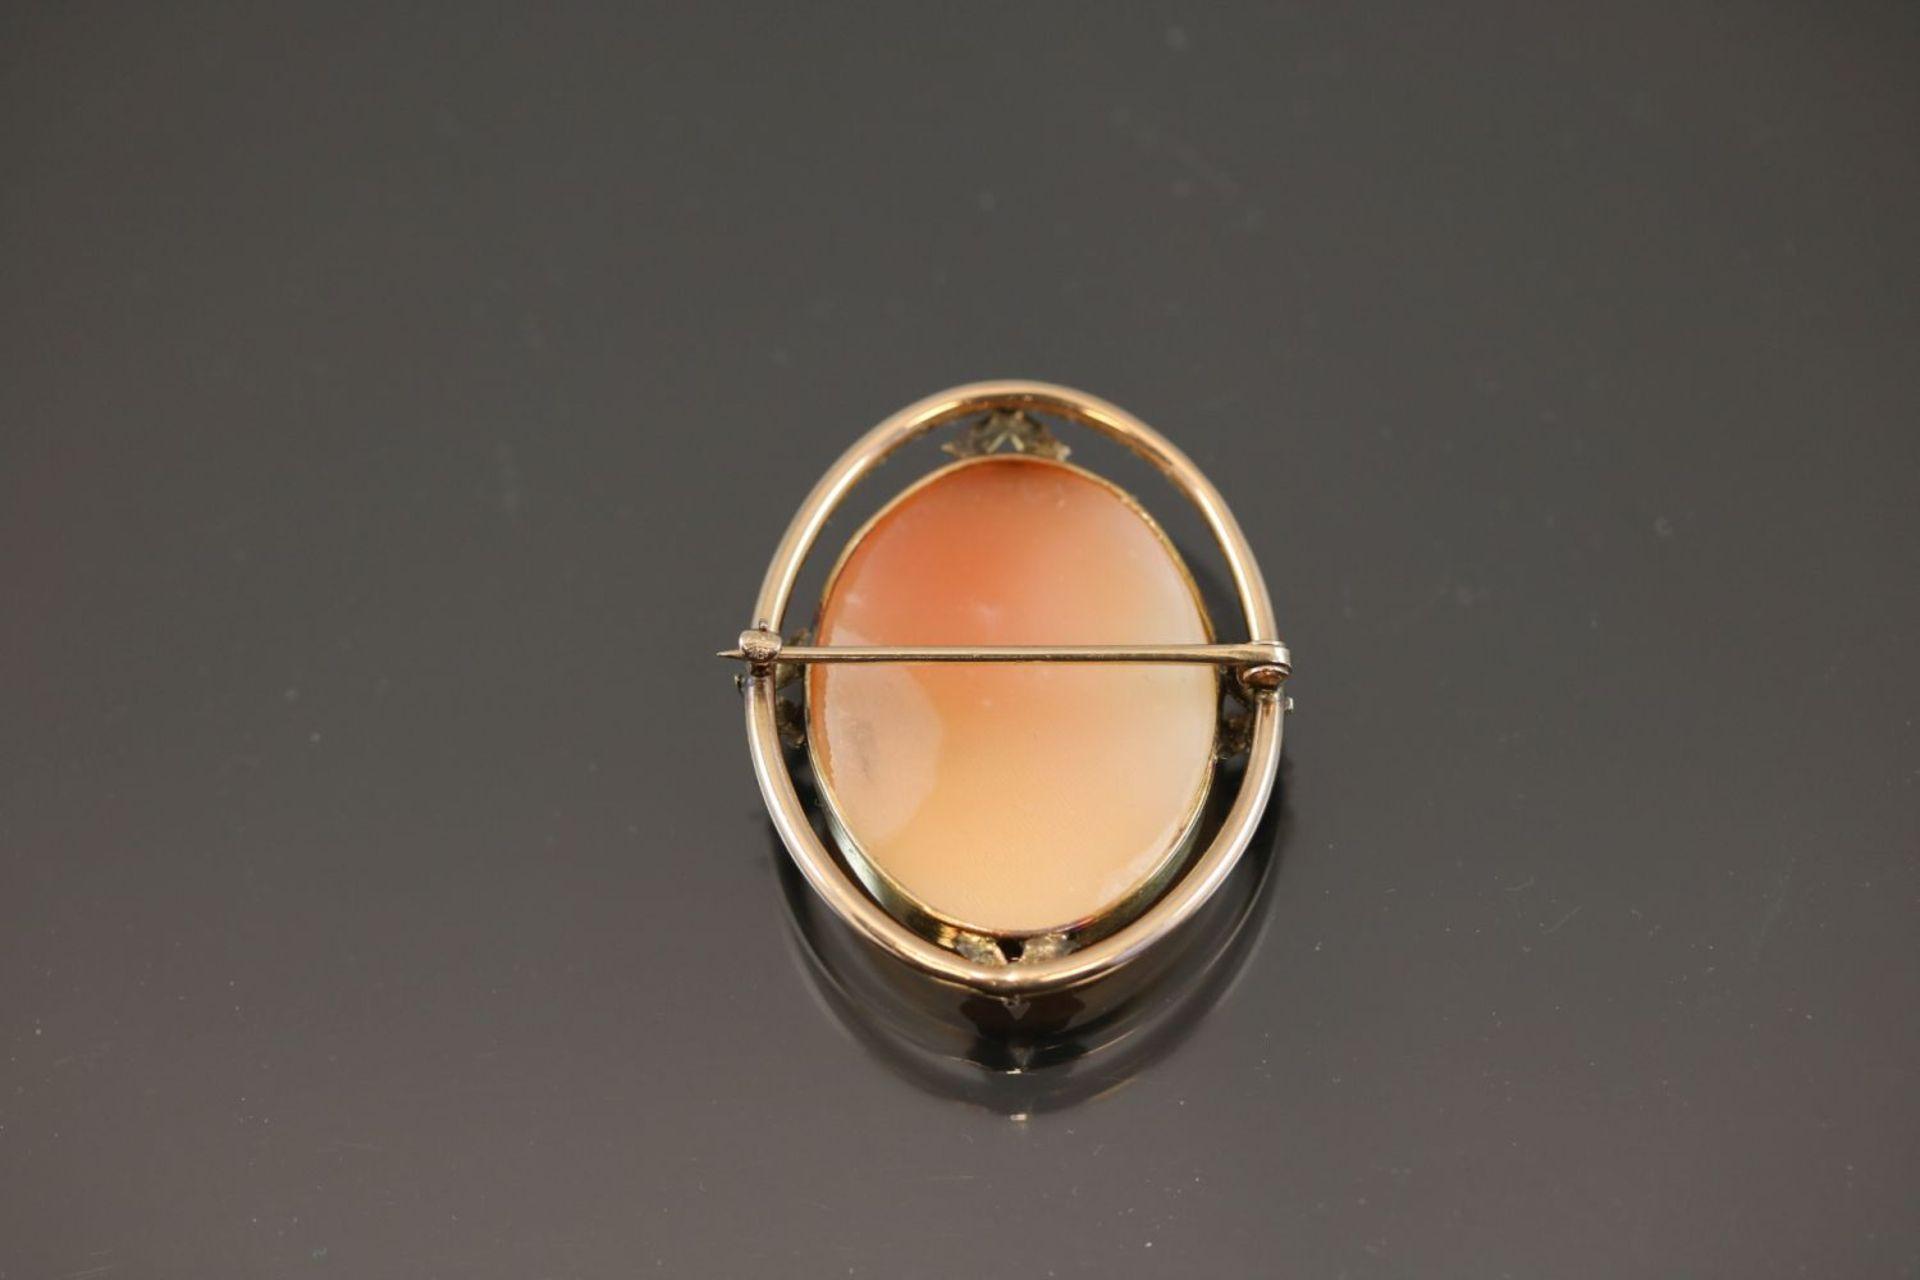 Gemme-Brosche, 375 Gold5,8 Gramm Breite: 3,1 cm, Länge: 3,6 cm - Bild 2 aus 7